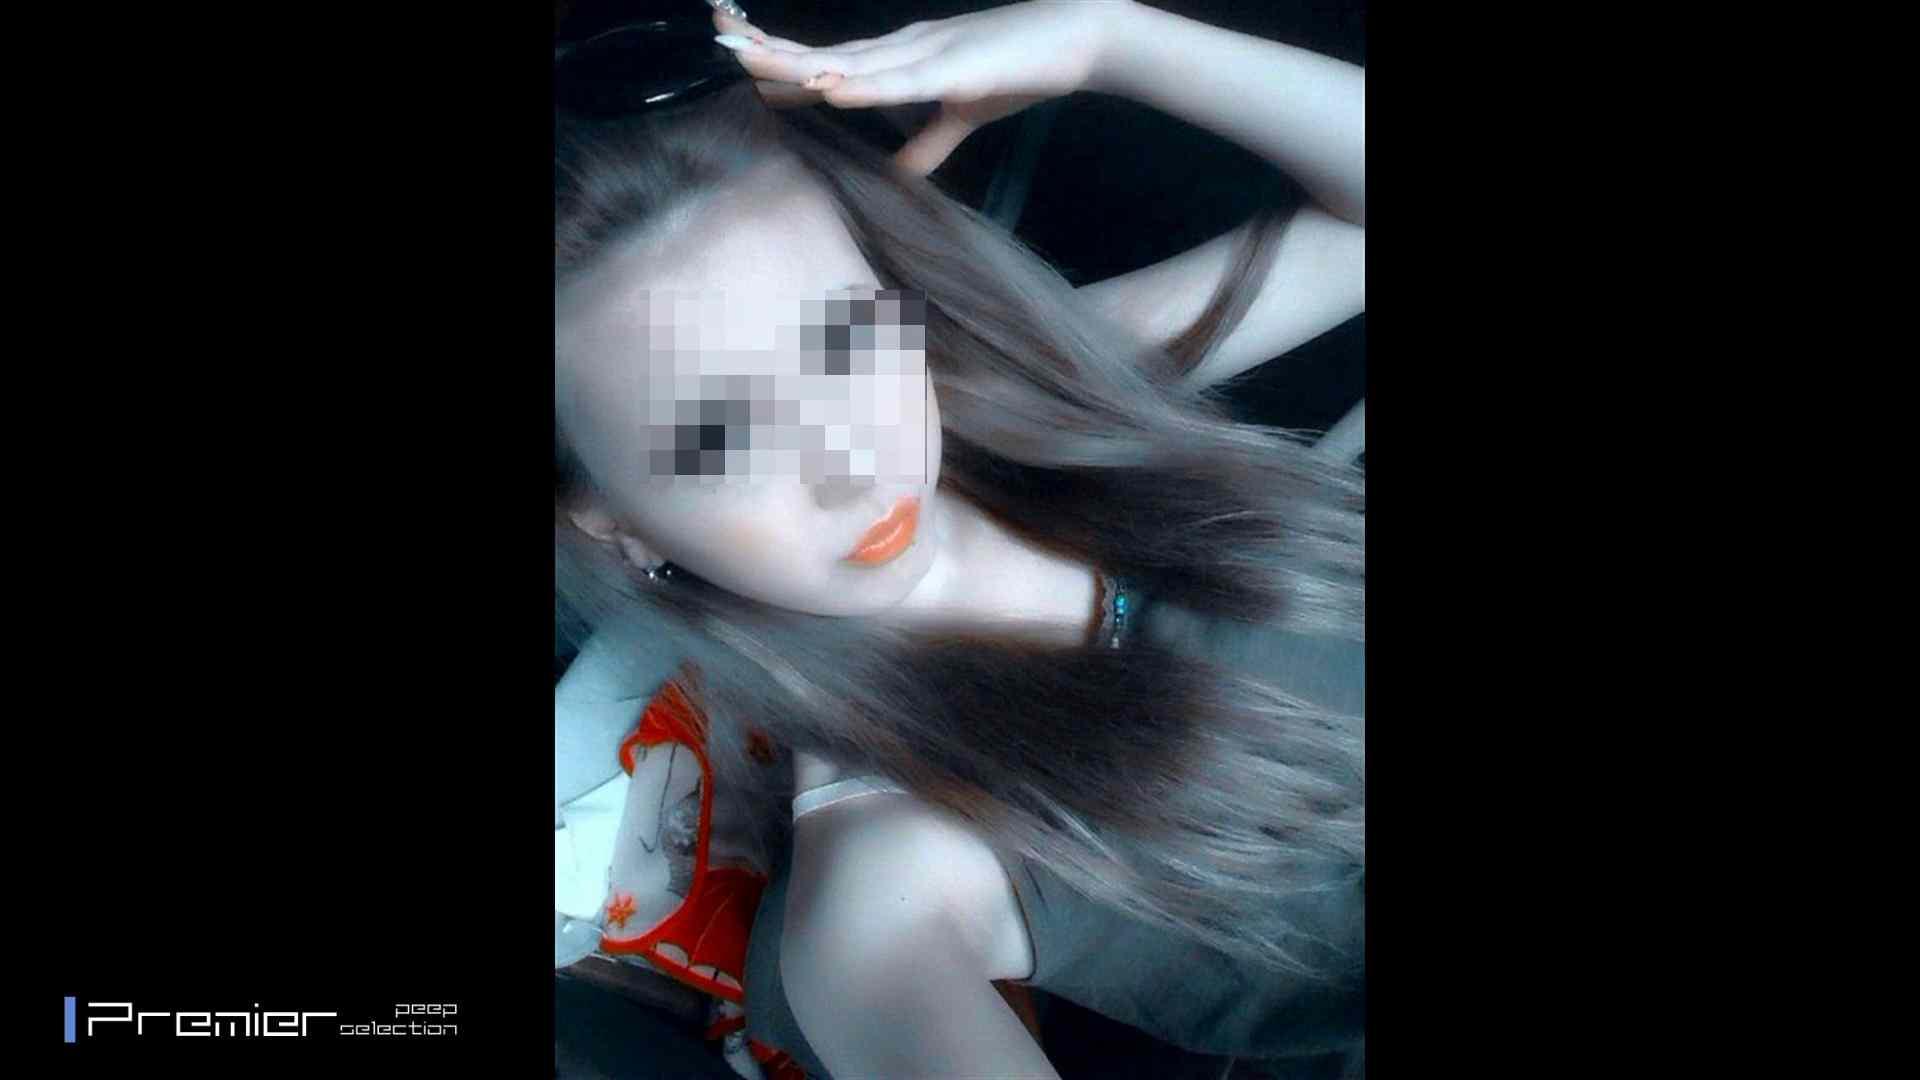 【ガチ交渉】19 歳美女に車内でいたずら 美女達の私生活に潜入! 美乳  69PIX 1